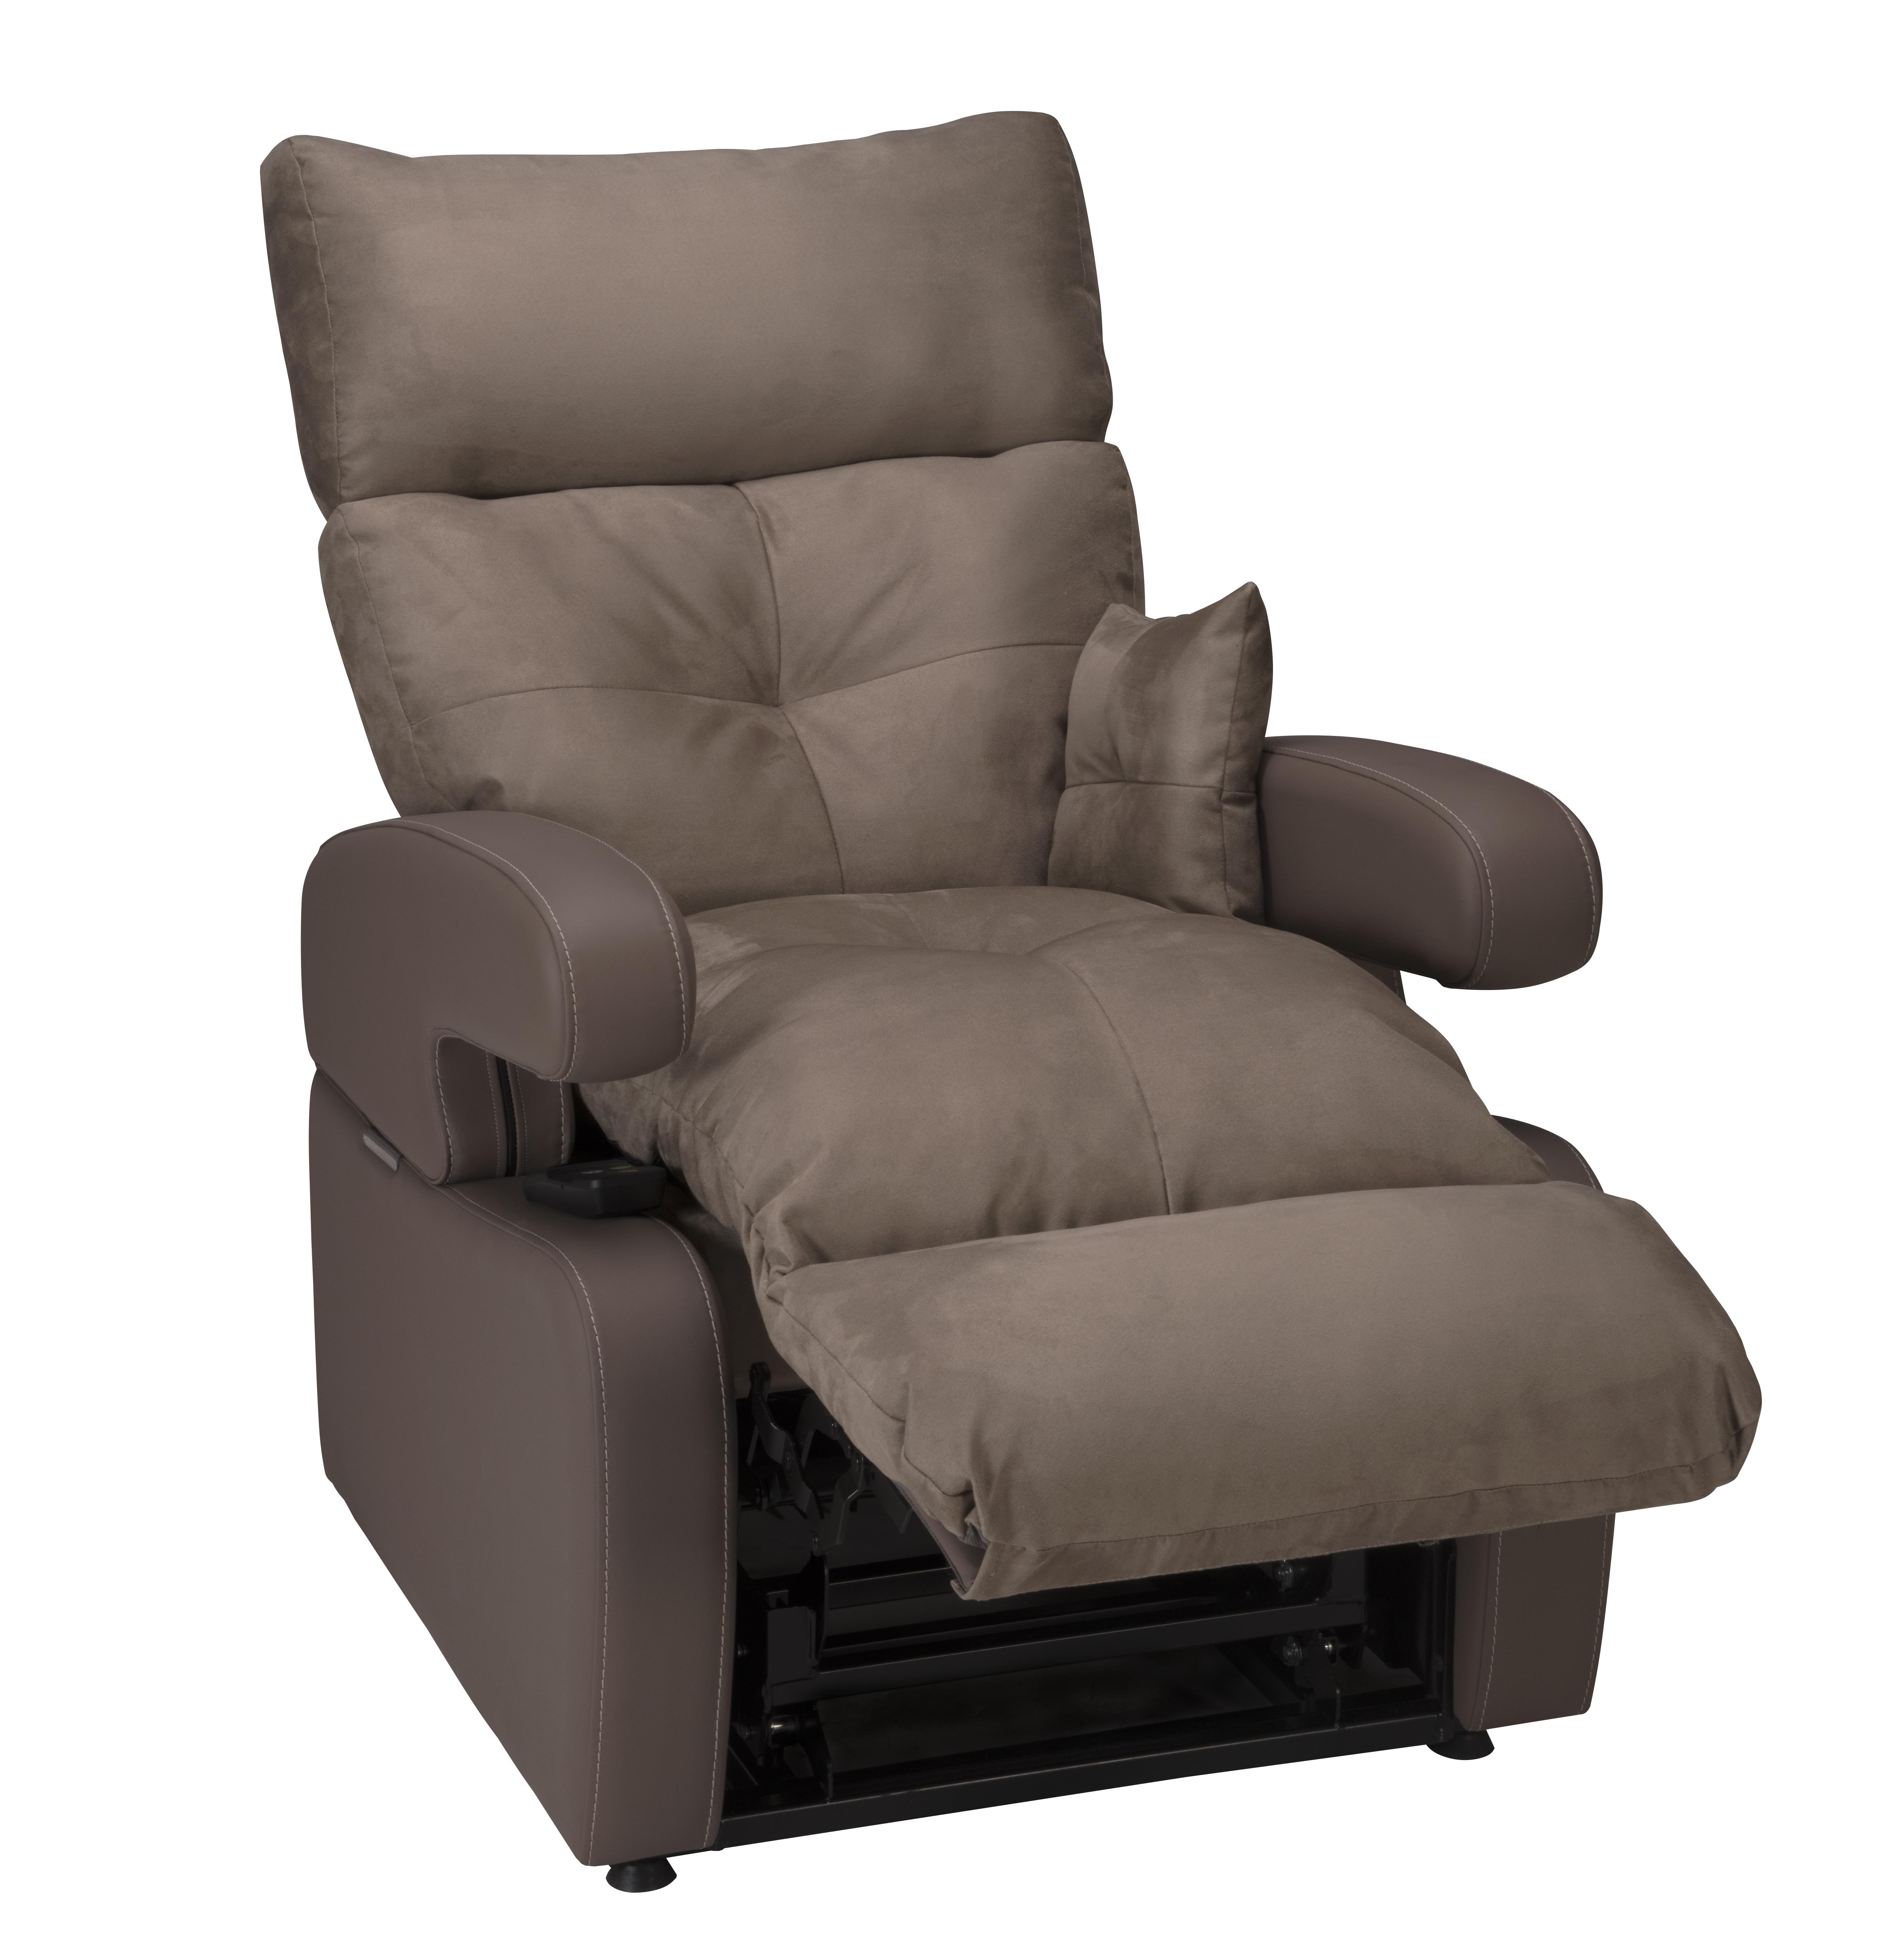 Stunning fauteuils confortables ideas - Fauteuil bureau stressless ...